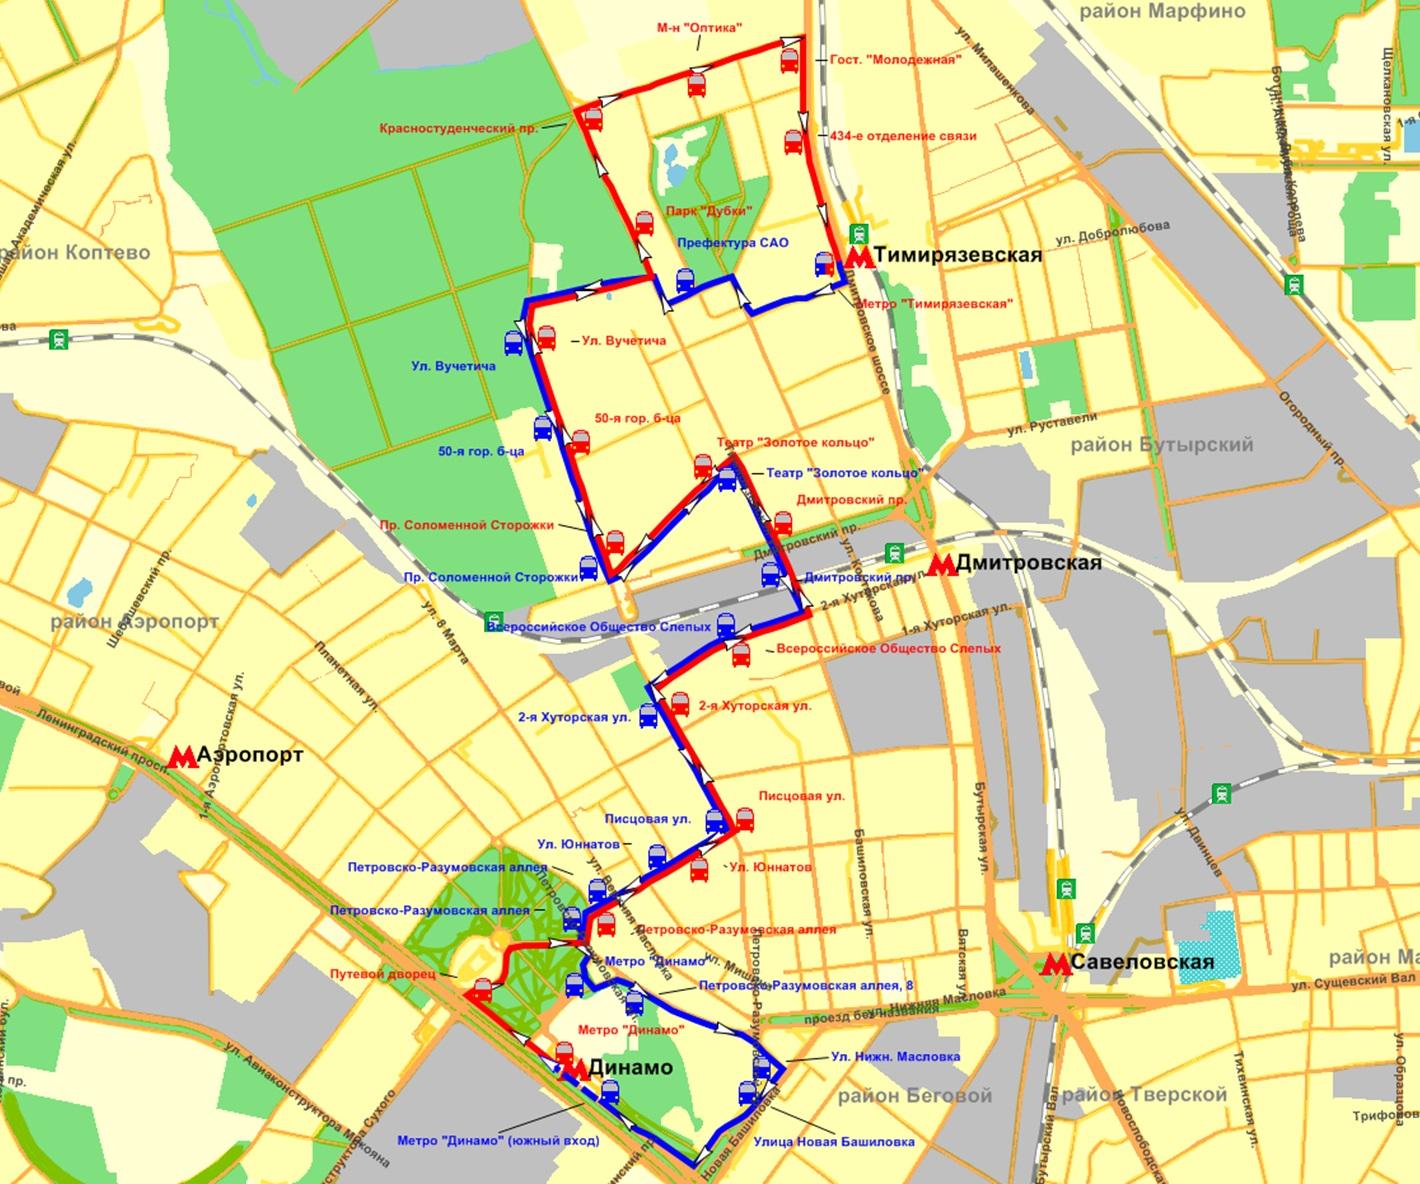 схема маршрута 13 пенза